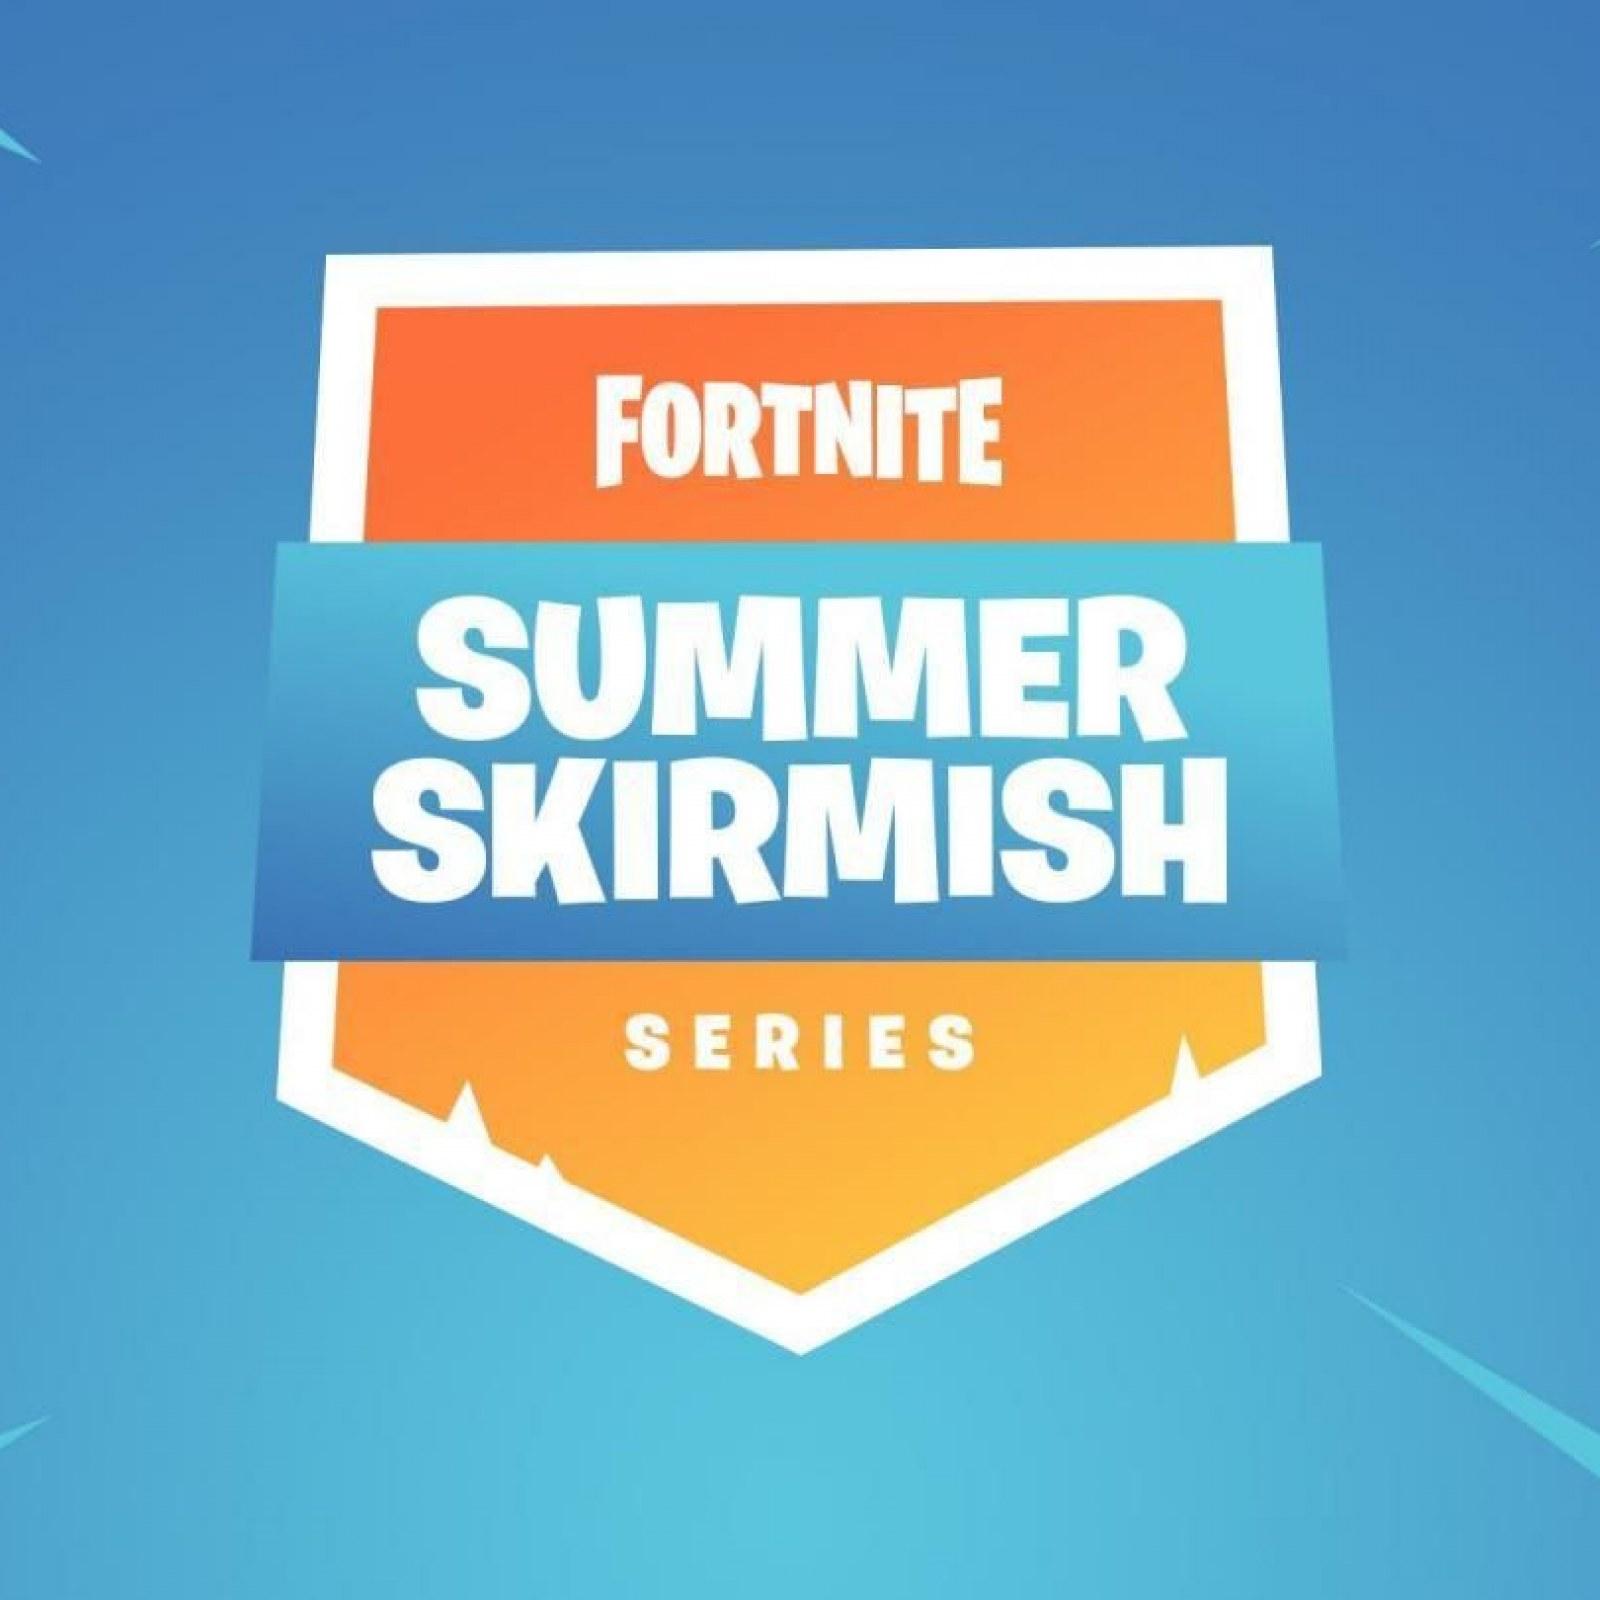 Fortnite Summer Skirmish Week 7 Time Standings Teams How To Watch